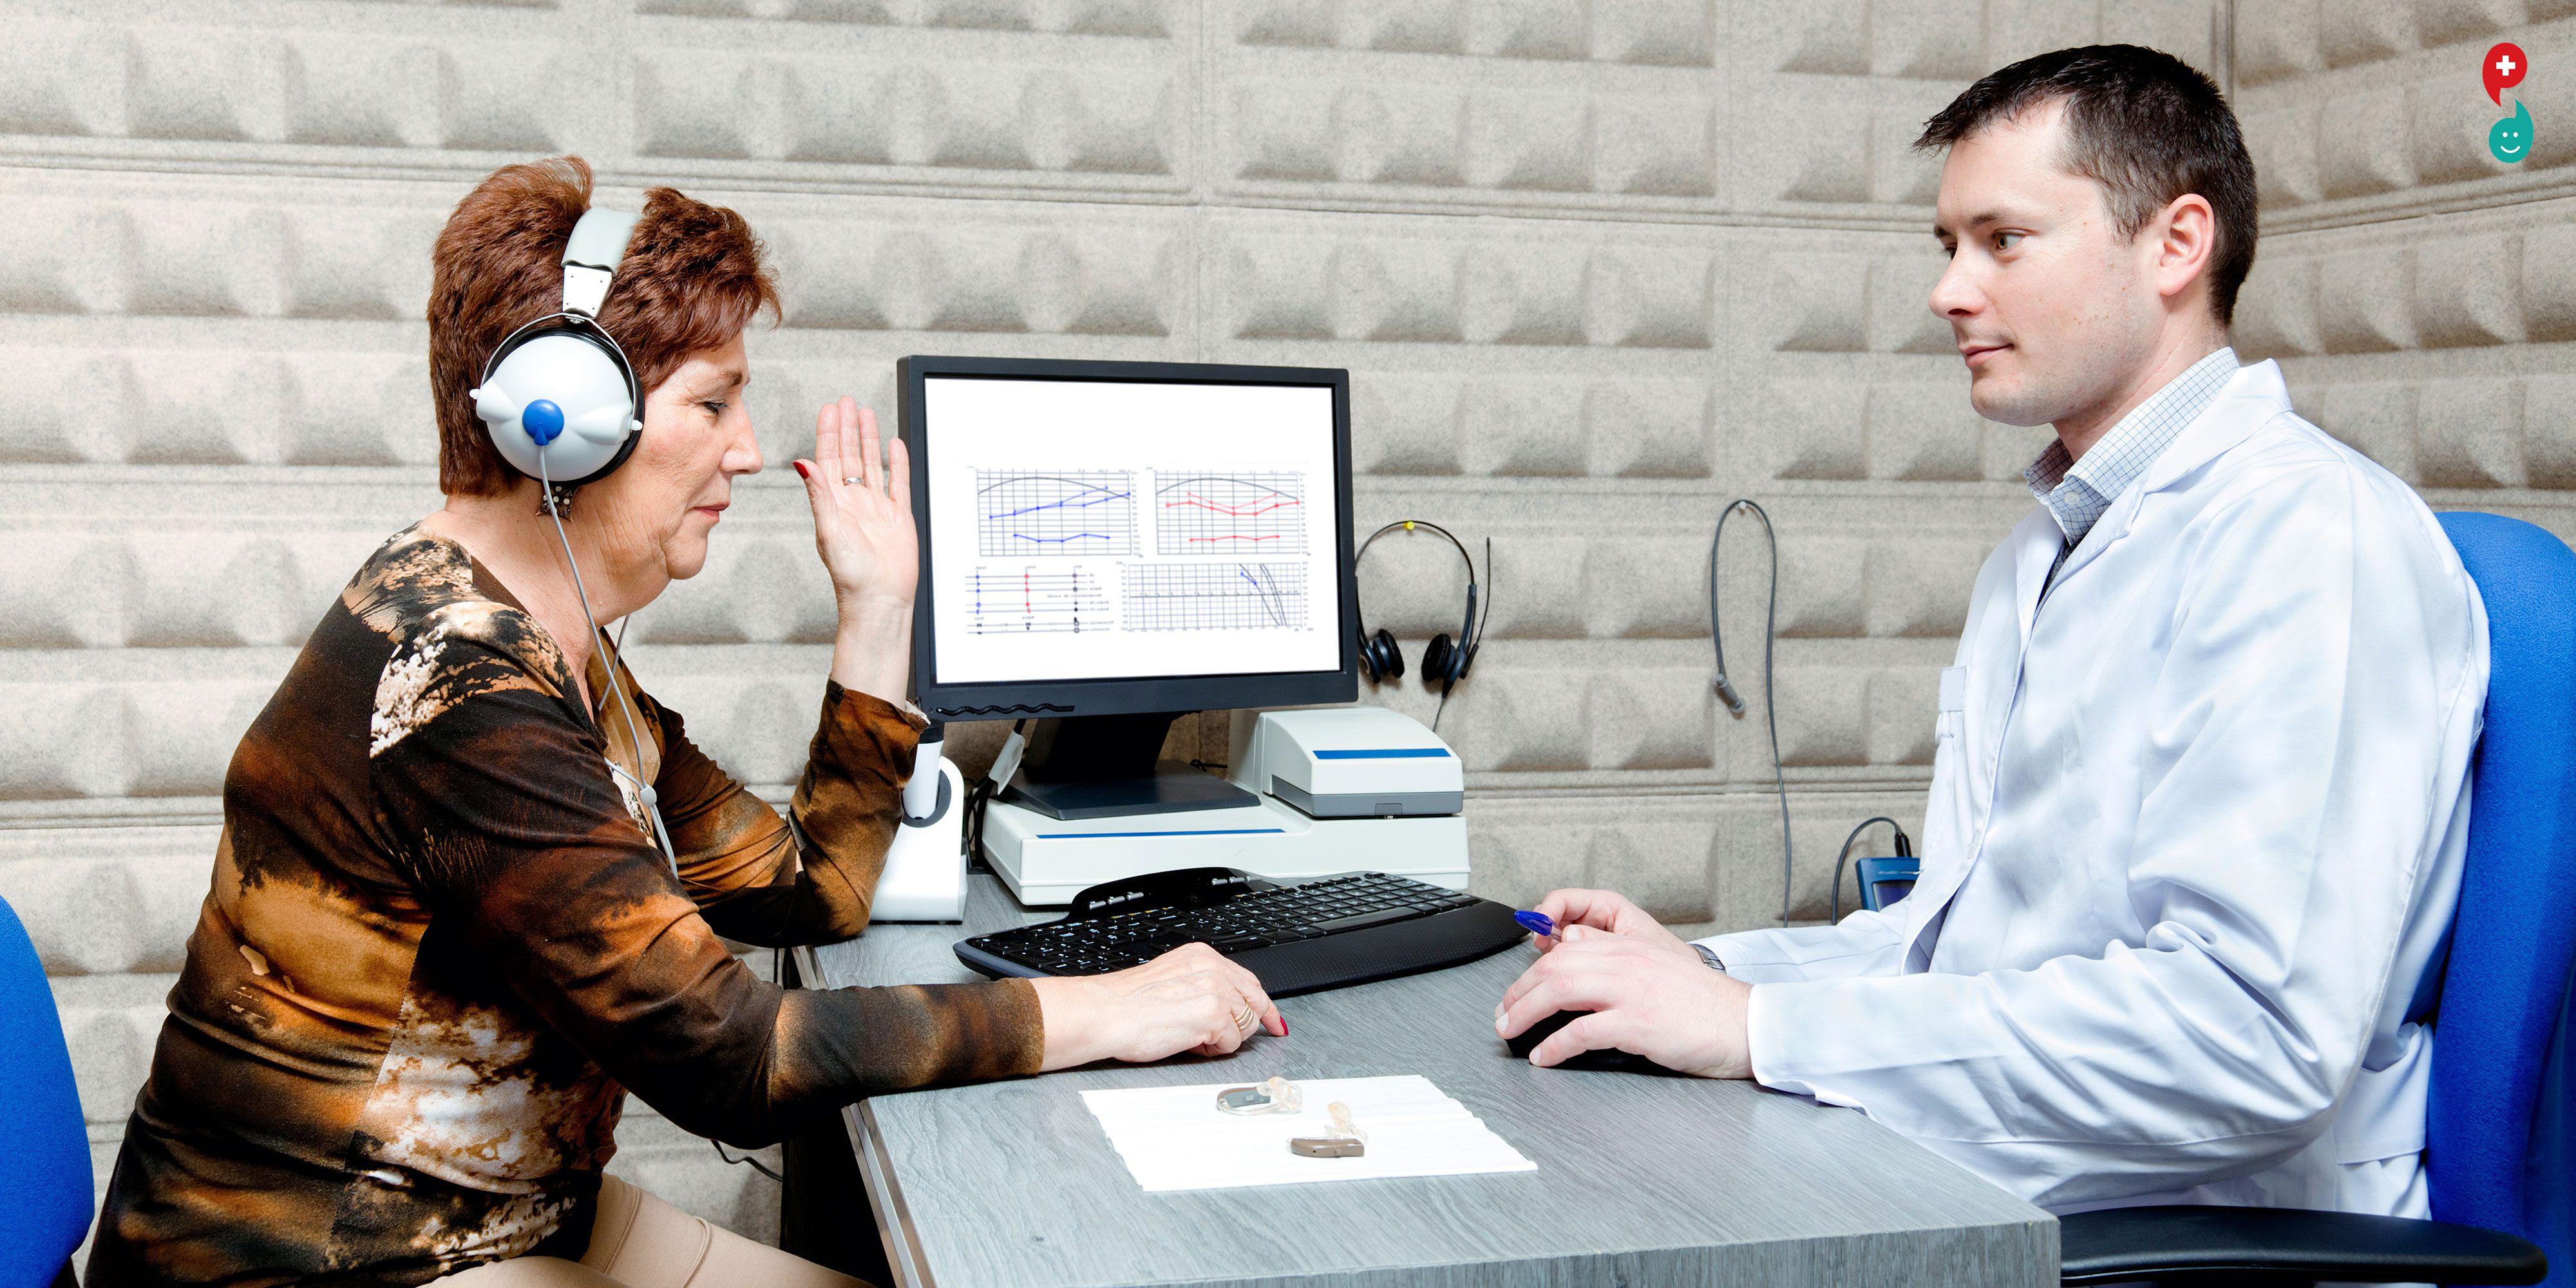 ऑडिटरी ब्रेनस्टमेंट इव्होकेड पोटेंशियल (एबीईपी) चाचणी